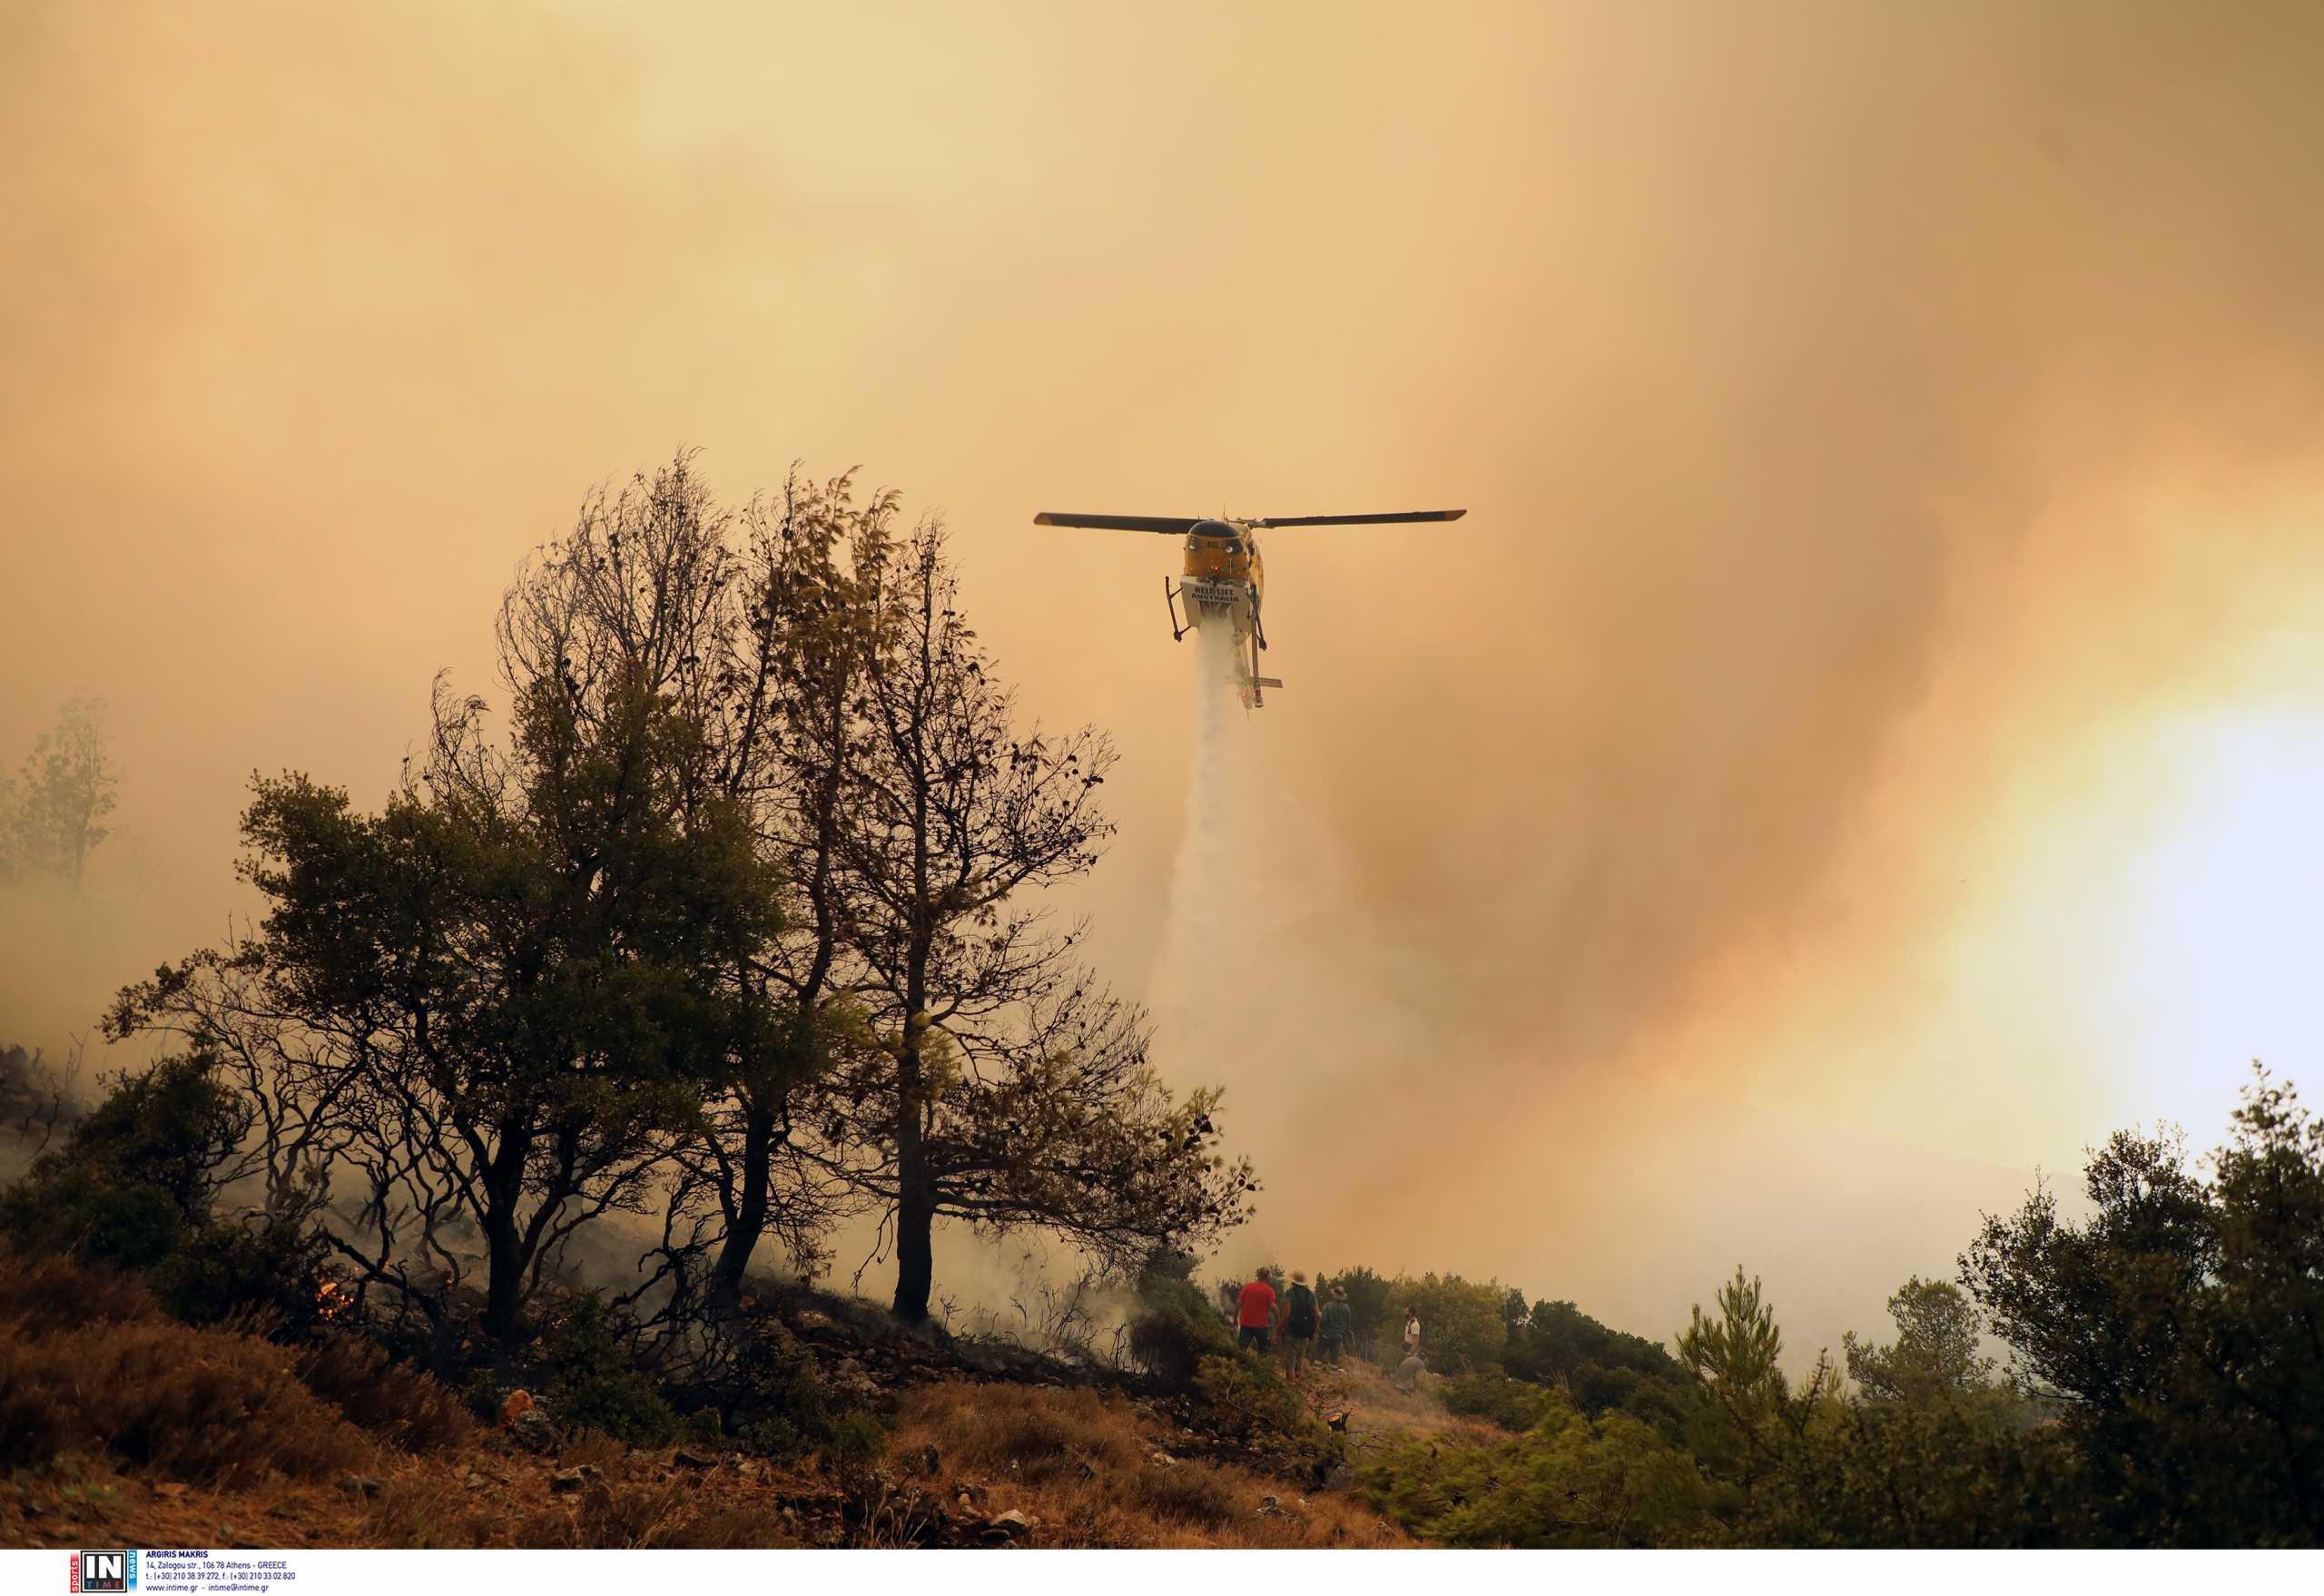 Αιτωλοακαρνανία: Φωτιά στην Αστροβίτσα Αιτωλικού – Ρίψεις και από 4 πυροσβεστικά αεροπλάνα